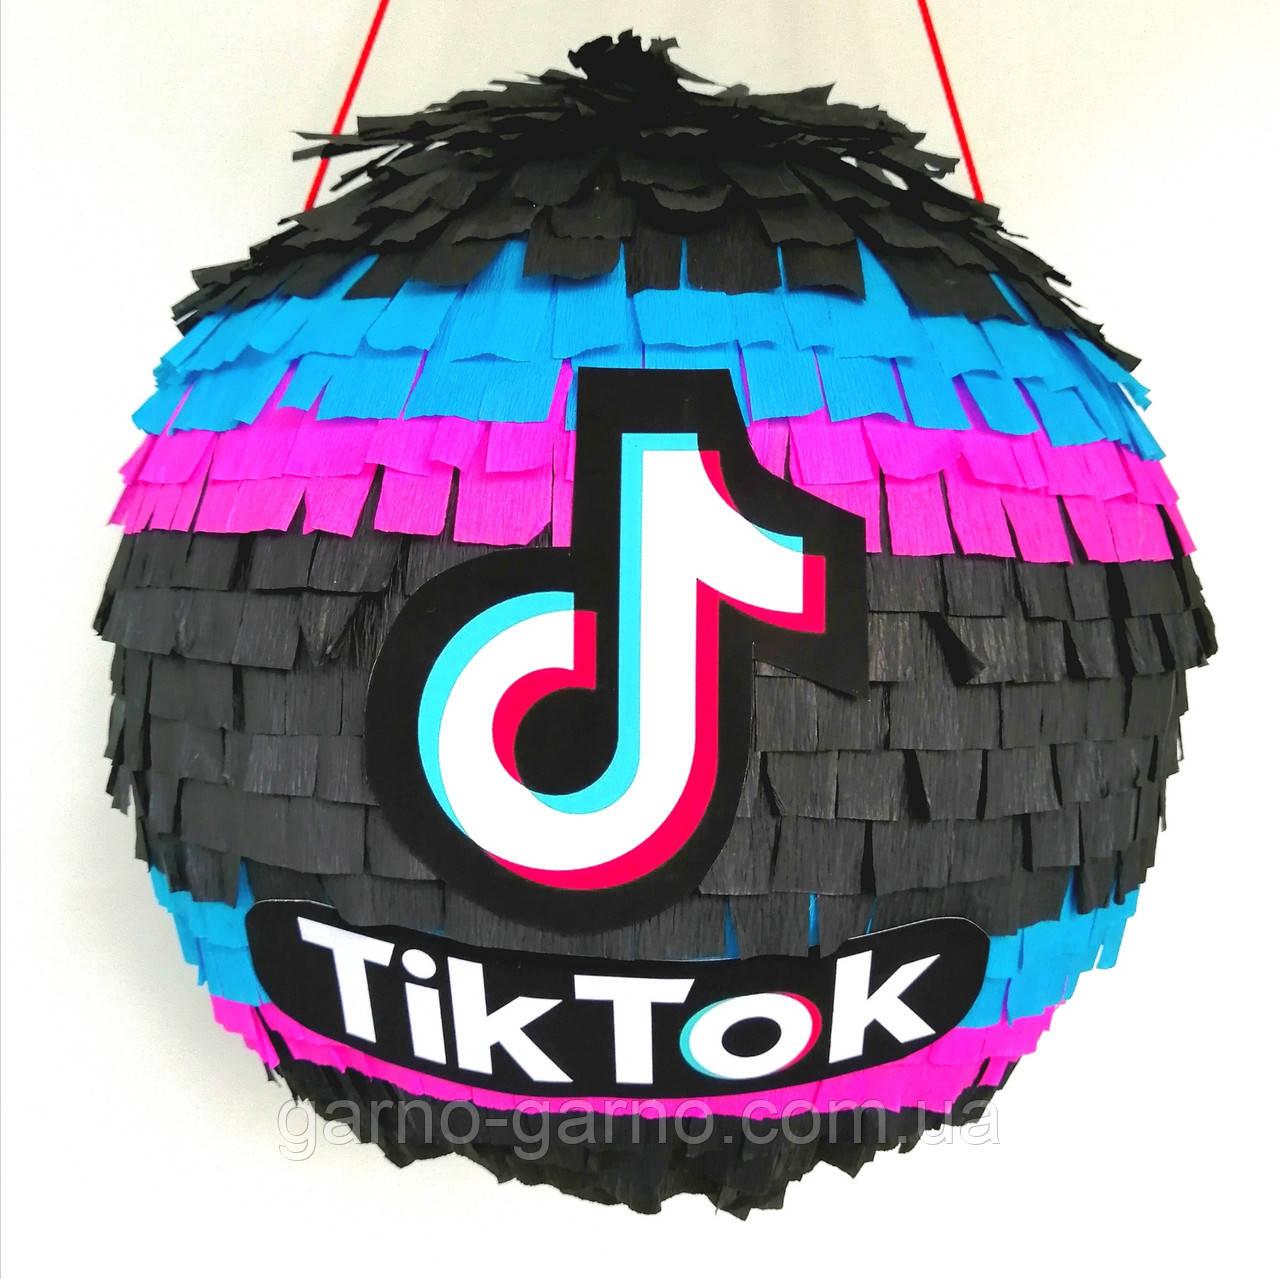 Піньята TikTok тік ток Tik Tok тикток піньята піната кулю на день народження куля обхват 110 см